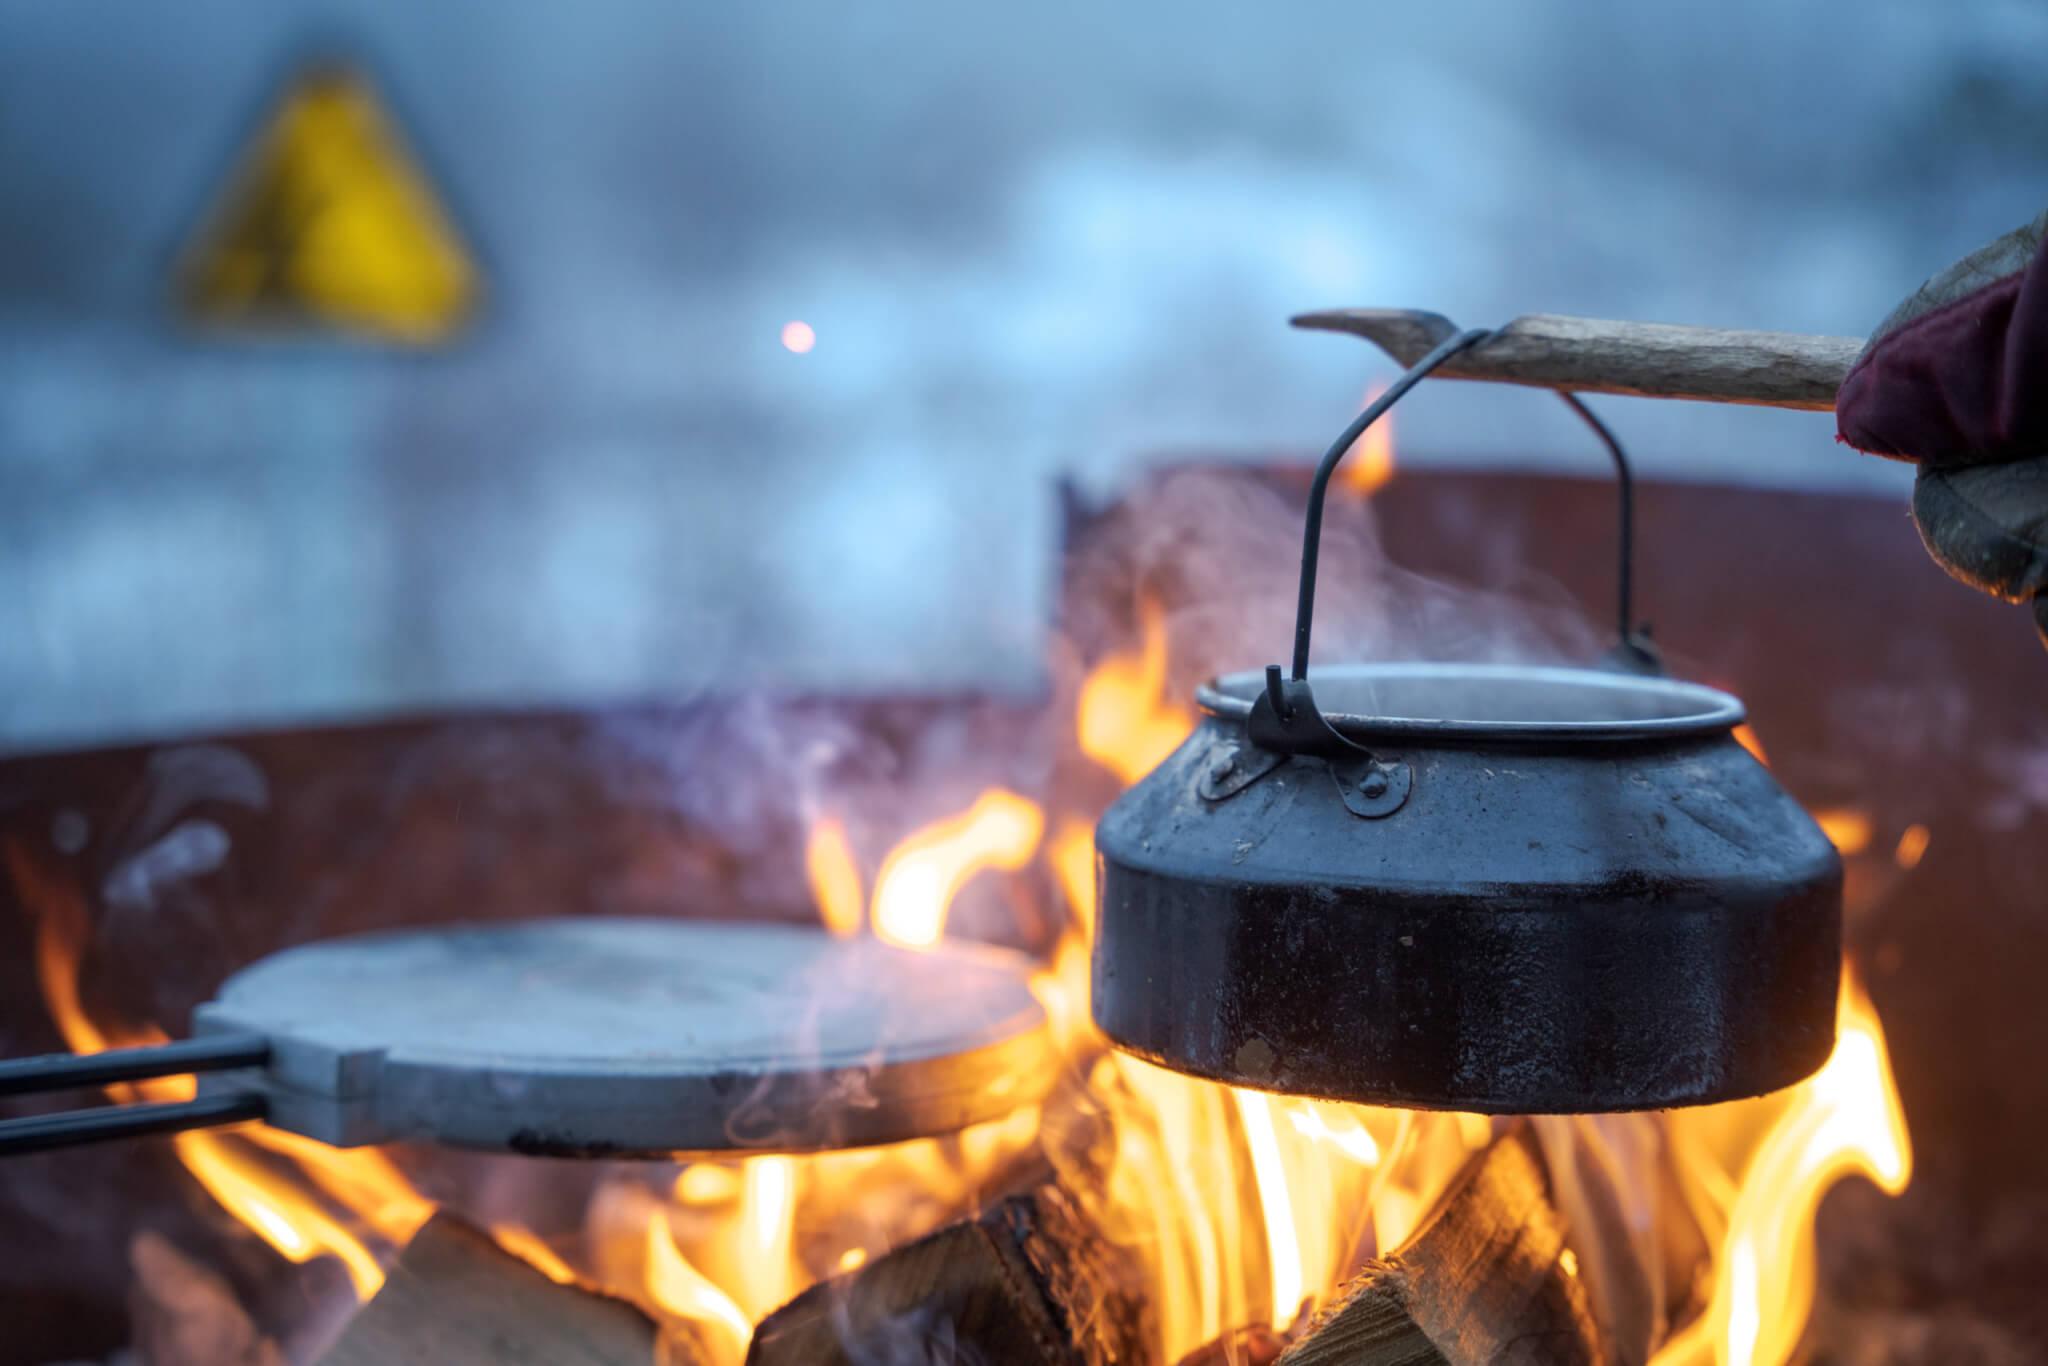 En kaffepanna över öppen eld. Tillvänster i elden syns ett våffeljärn. I bakgrunden syns en gul triangelskylt suddigt.